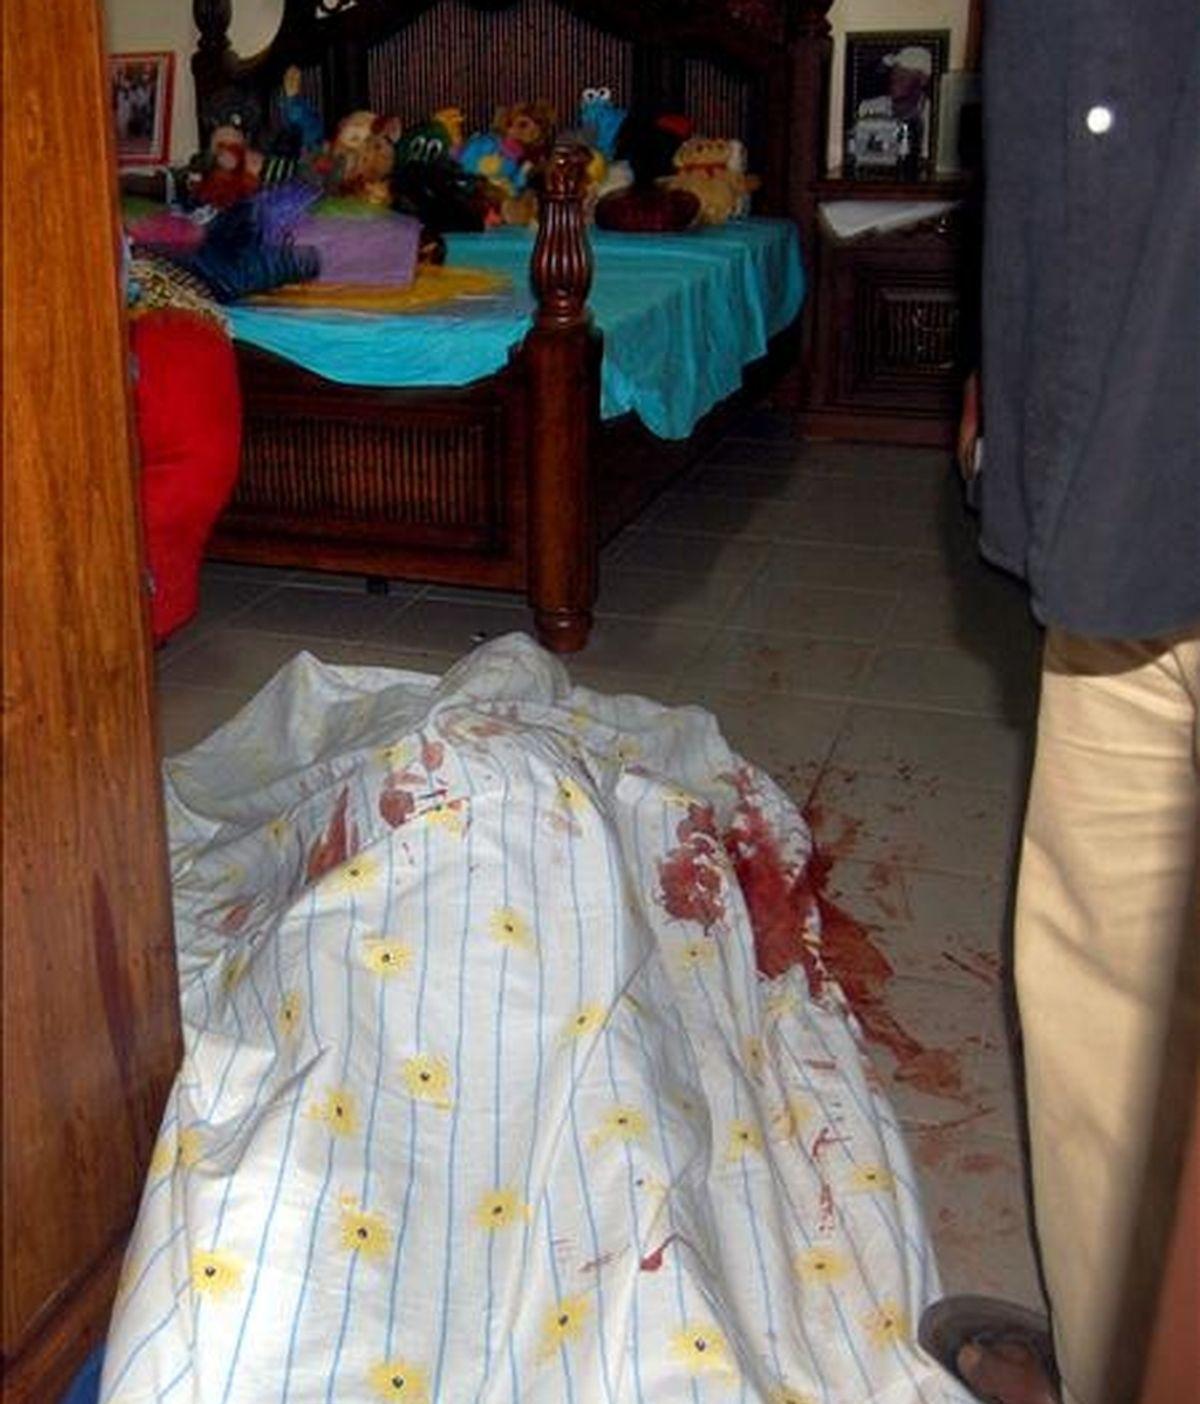 """El cuerpo sin vida del candidato a la presidencia Baciro Dabo yace en el suelo de su casa en Bissau, Guinea Bissau, hoy viernes 5 de junio. Según ha informado la radio pública guineana, el aspirante a presidente fue asesinado por """"hombres armados no identificados"""", que entraron en su casa a primeras horas de hoy y le dispararon varias veces. EFE"""